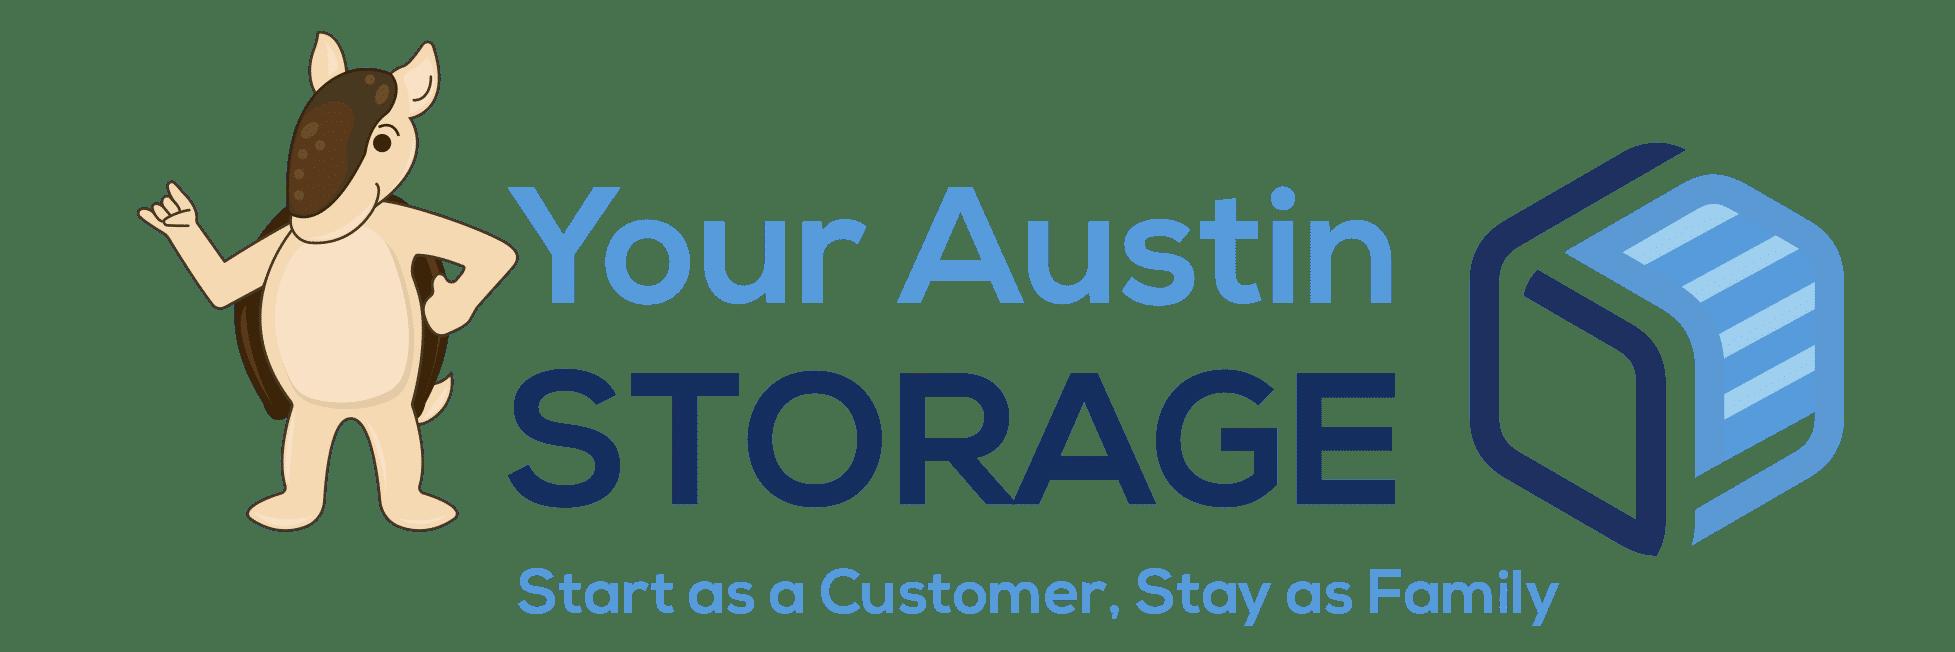 Your Austin Storage